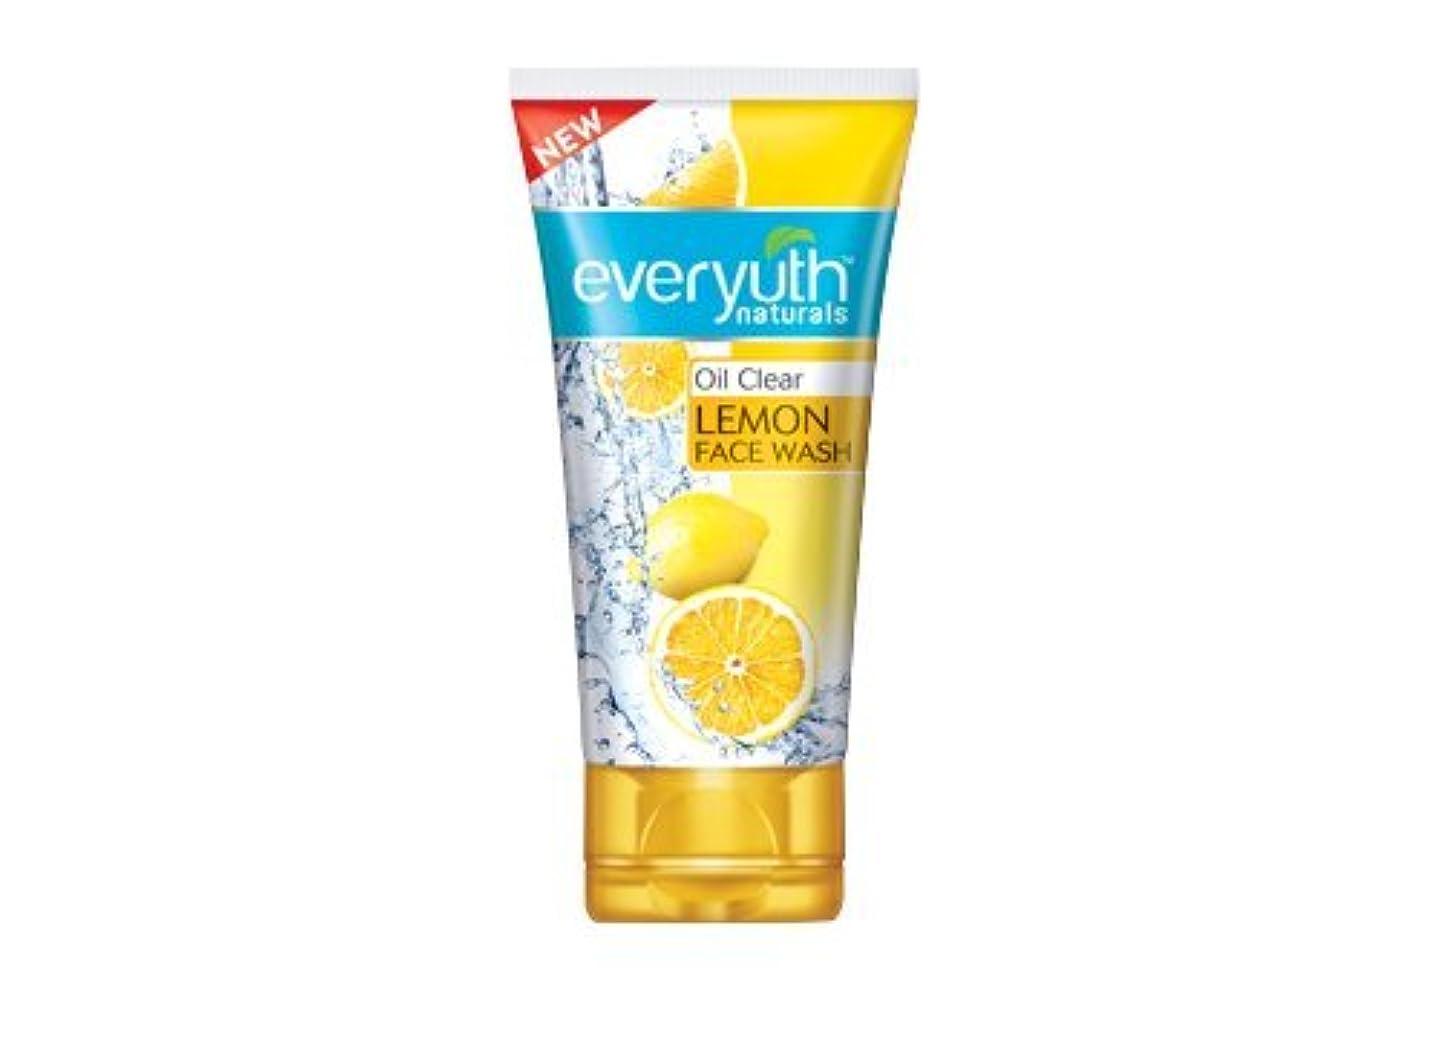 水曜日とにかく引き出しEveryuth Naturals Oil Clear Lemon Face Wash 50Gm (1 Pack)